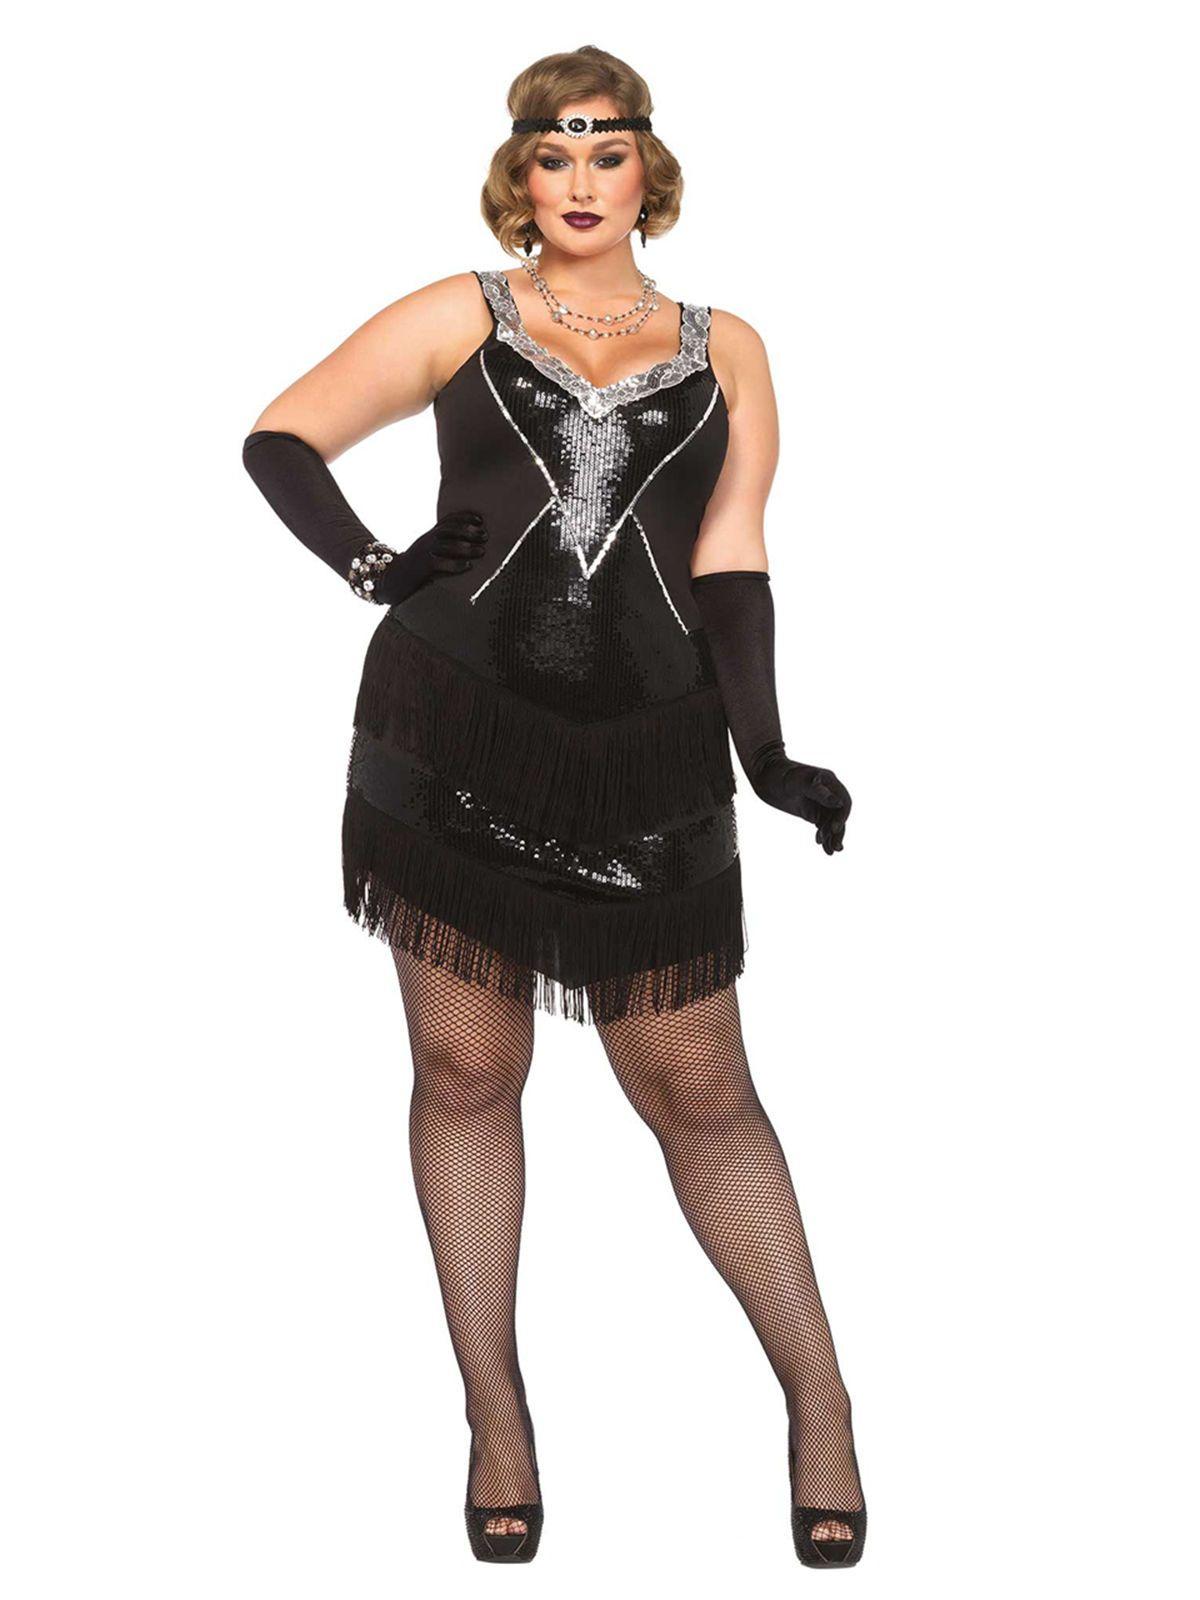 20er Jahre Flapper Plus Size Damenkostum Charleston Schwarz Silber Gunstige Faschings Kostume Bei Karneval Megastore Charleston Kostum Flapper Kostum Weibliche Kostume